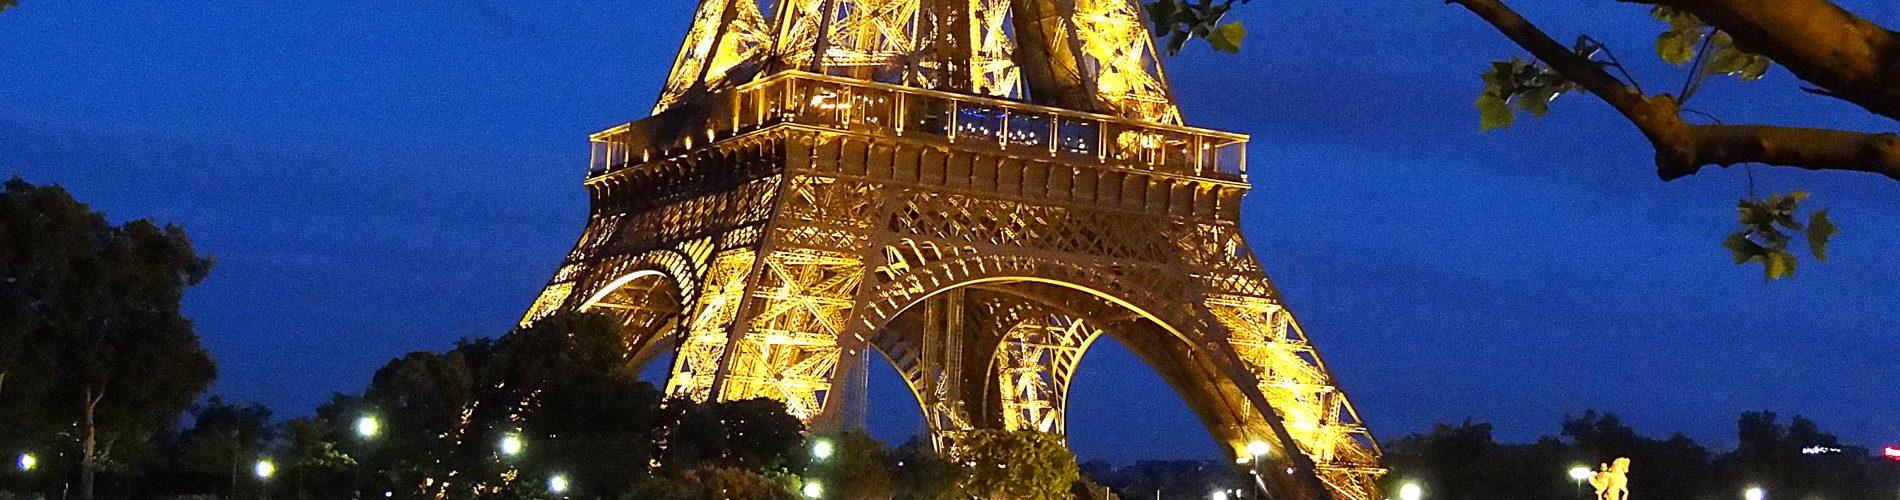 France Paris Eiffel